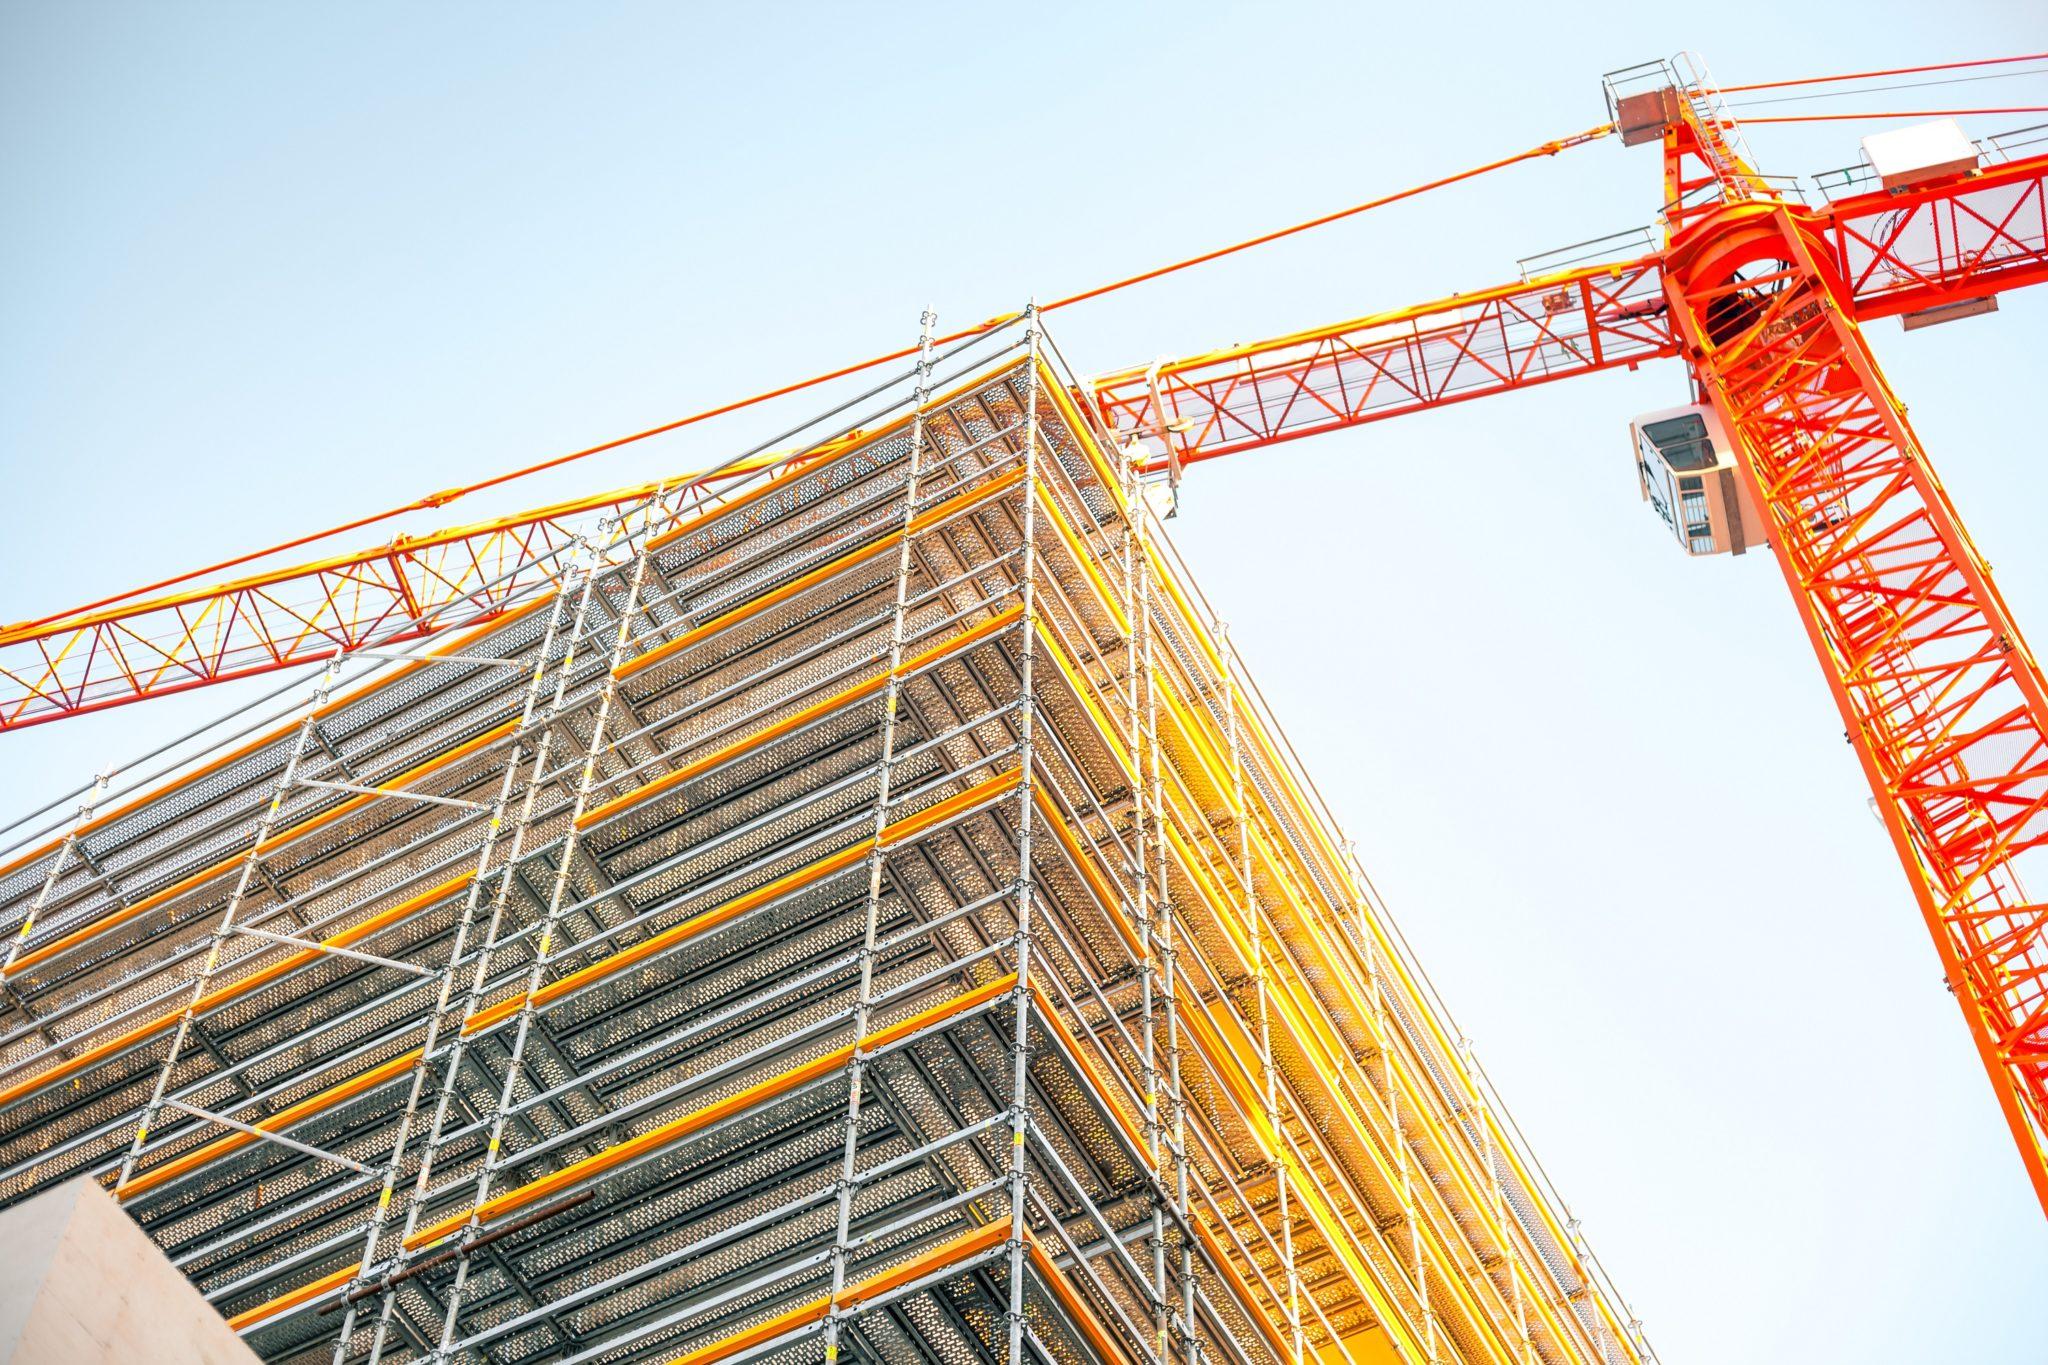 REI_crane_building_construction